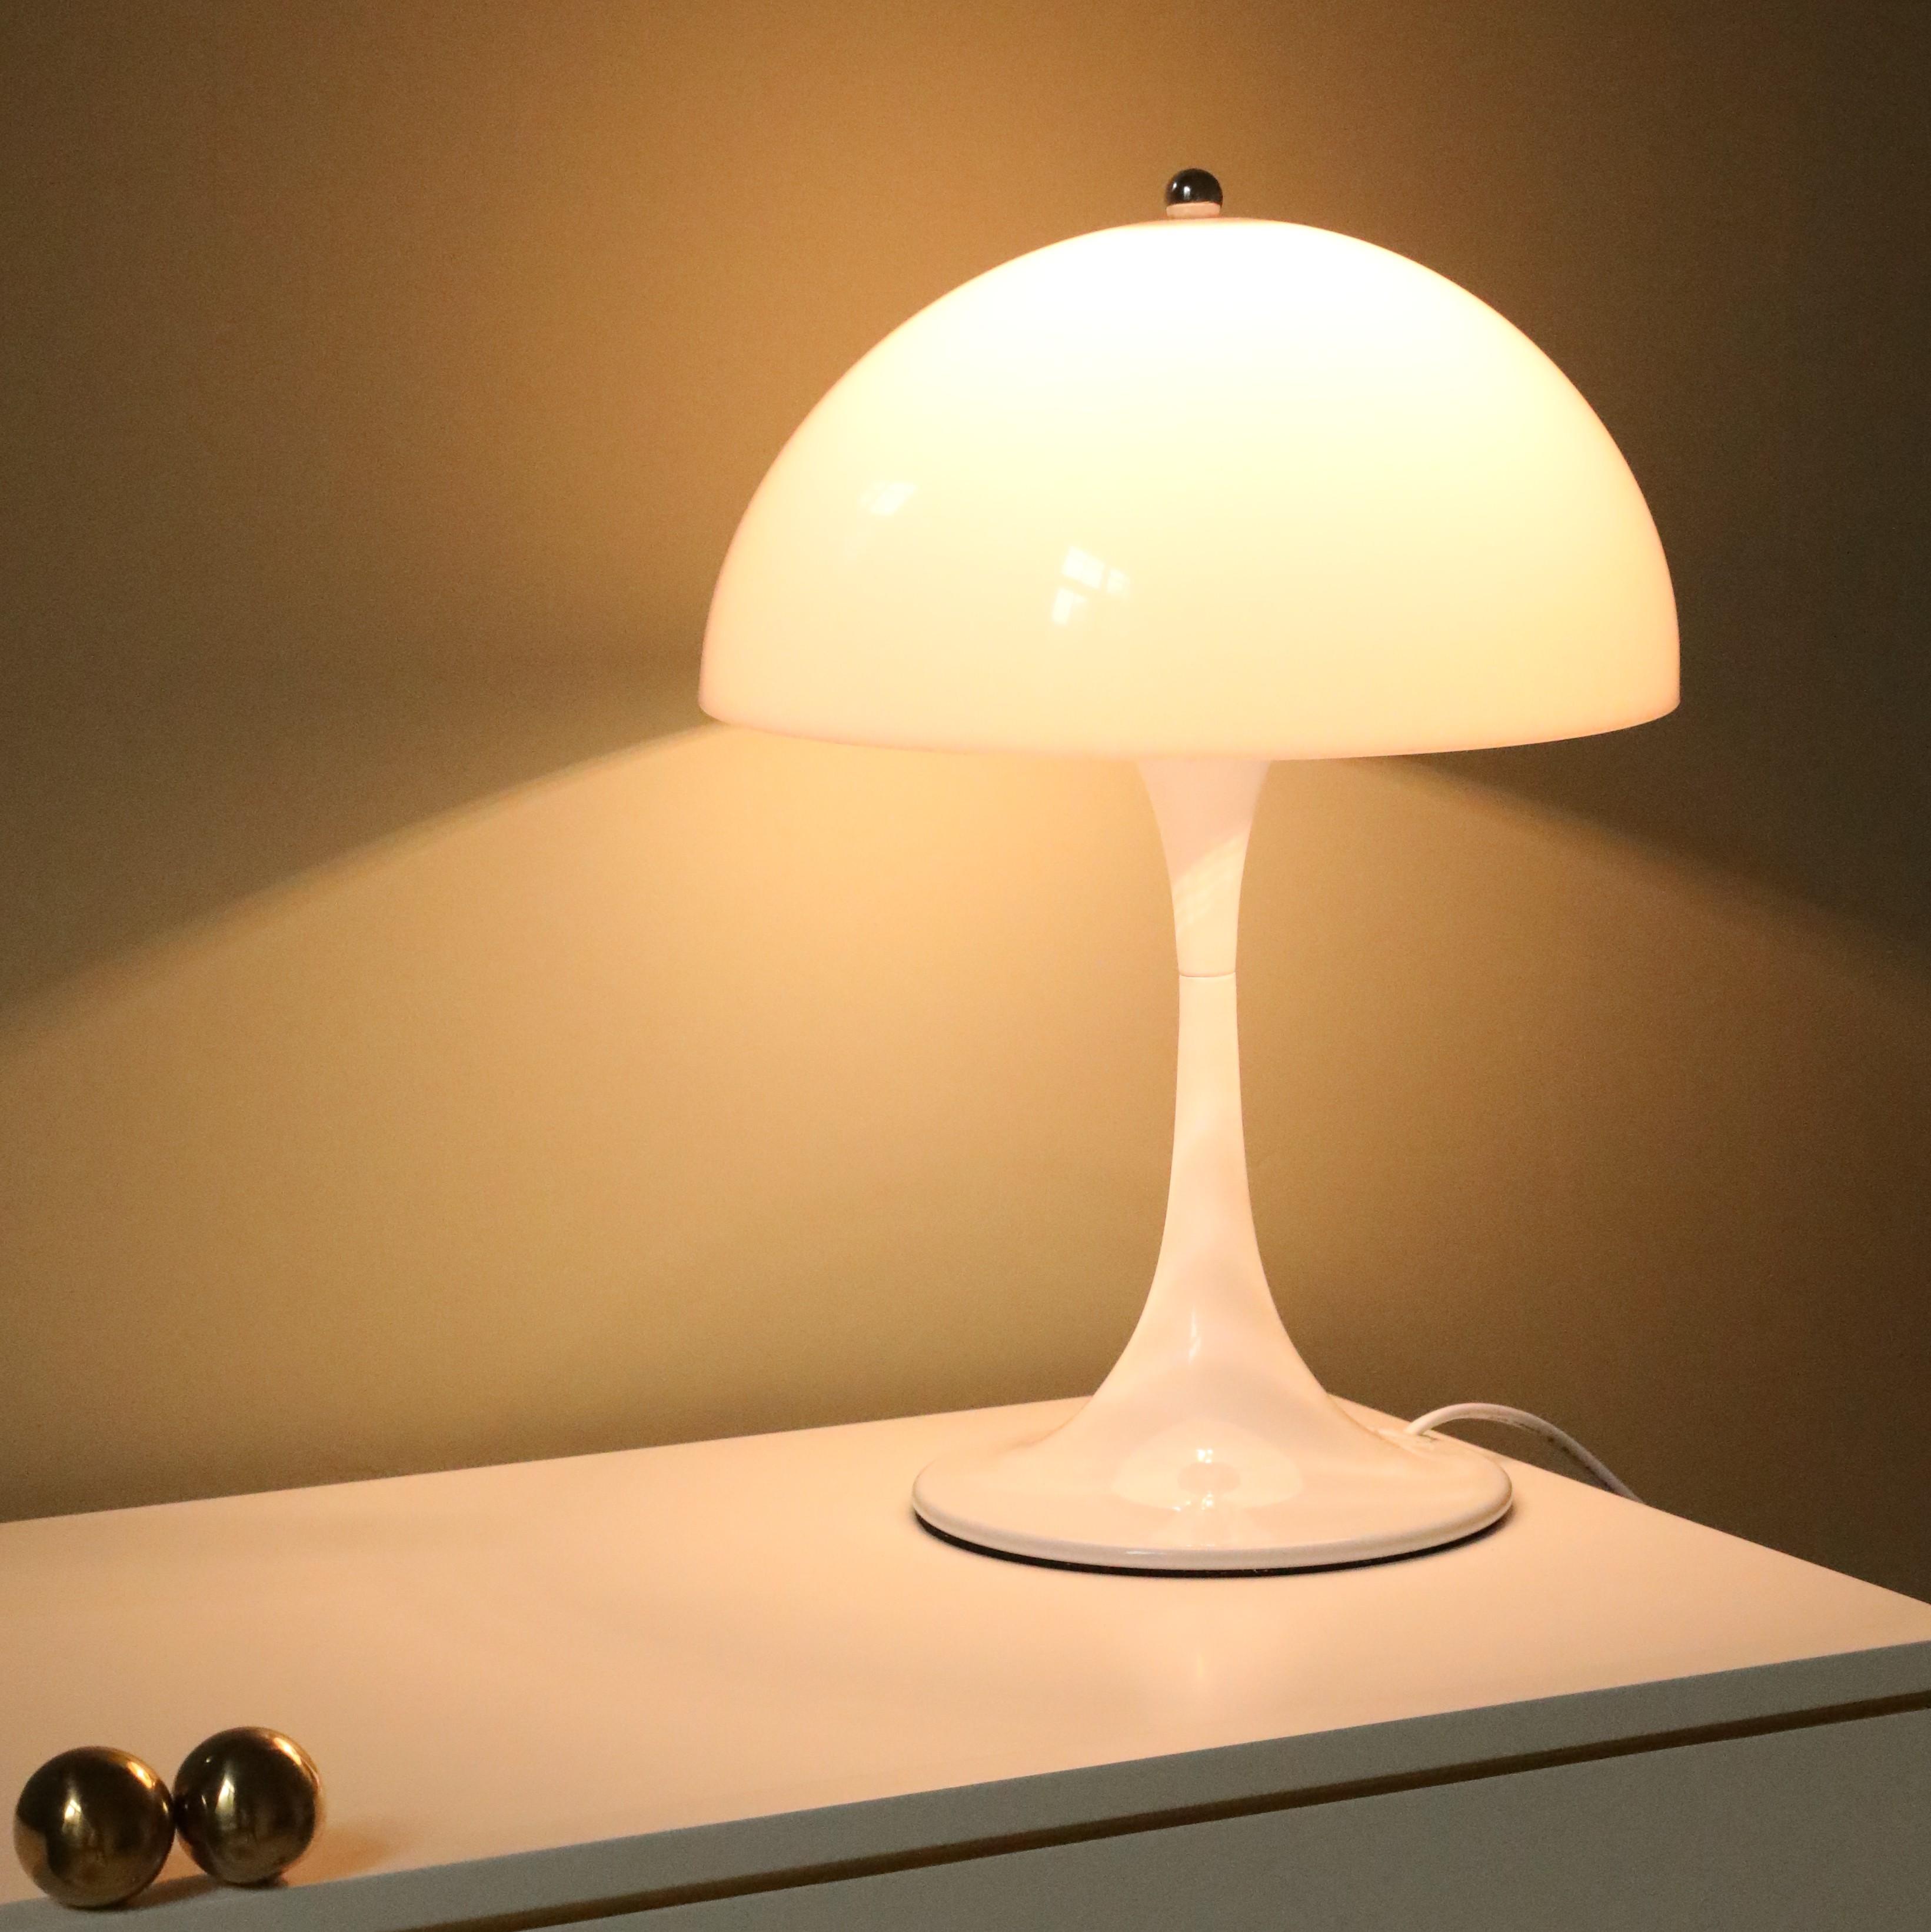 广东中山挑回来 优选蘑菇台灯 集木室物所